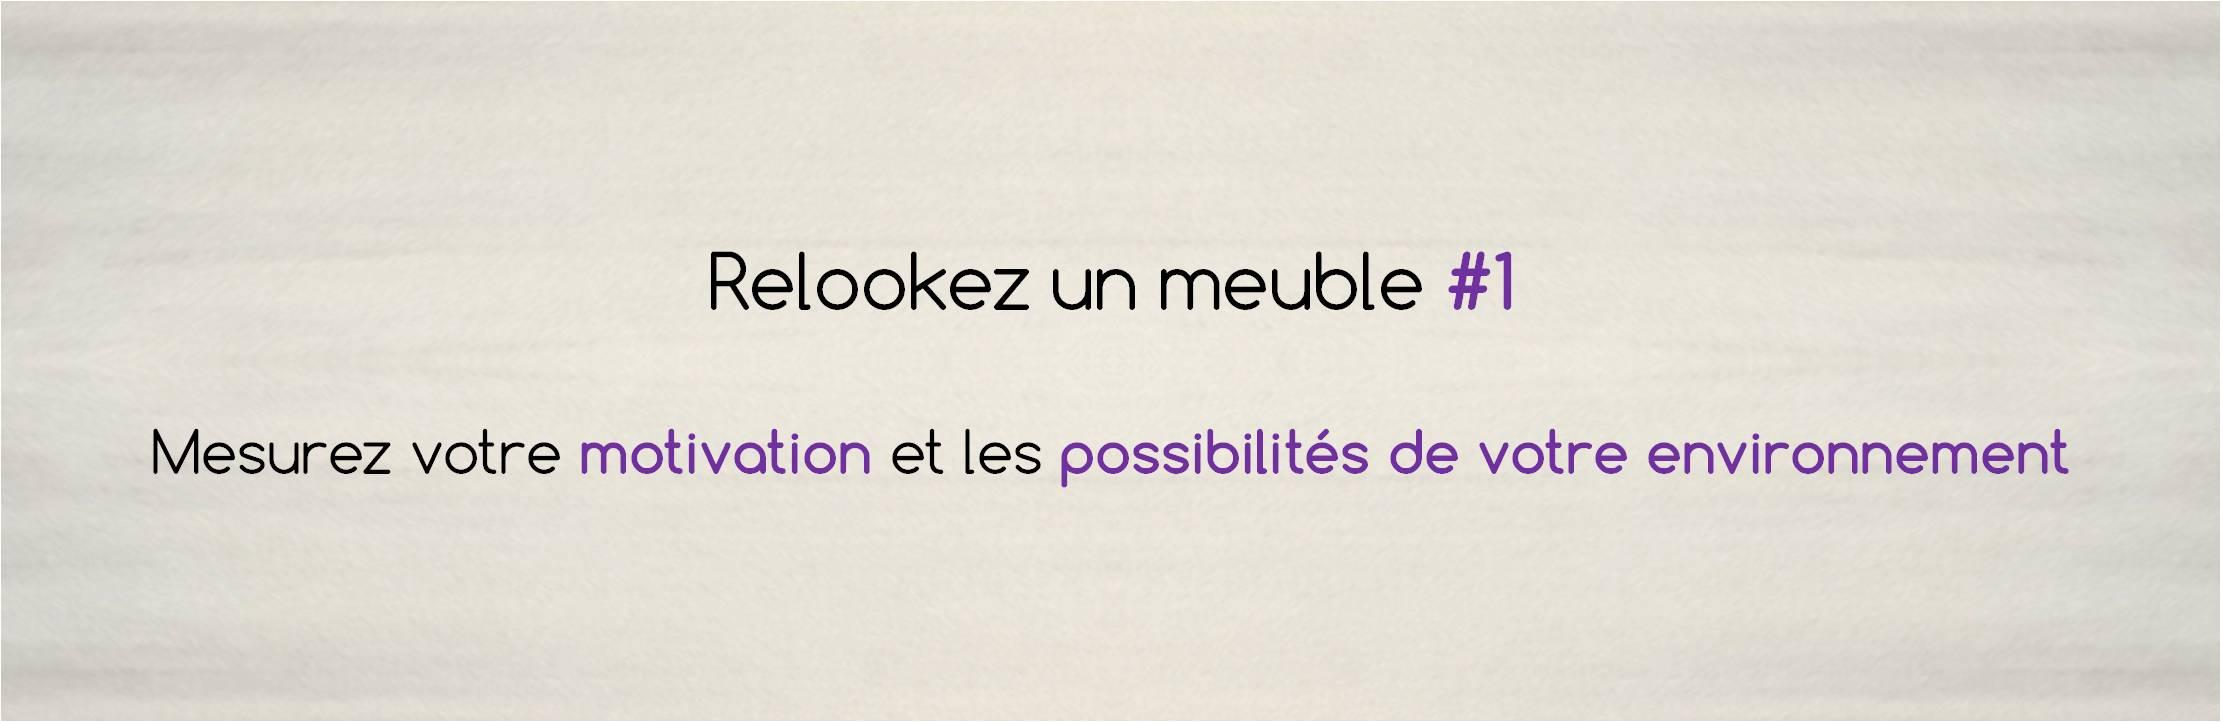 Relookez un meuble #1 : motivations et possibilités